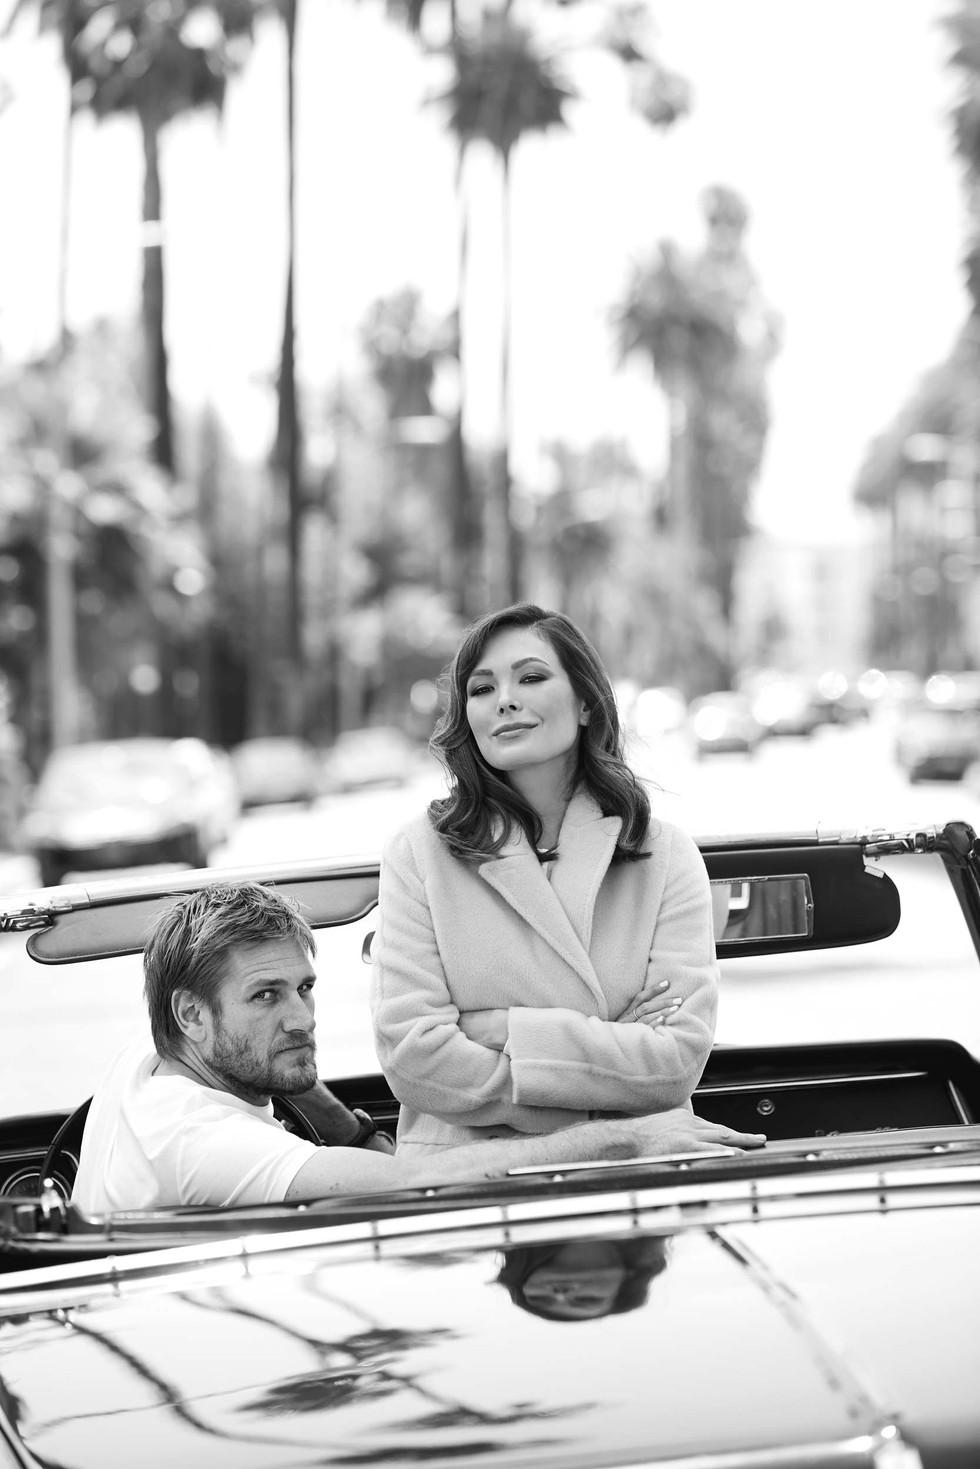 Photographer: Julie Adams